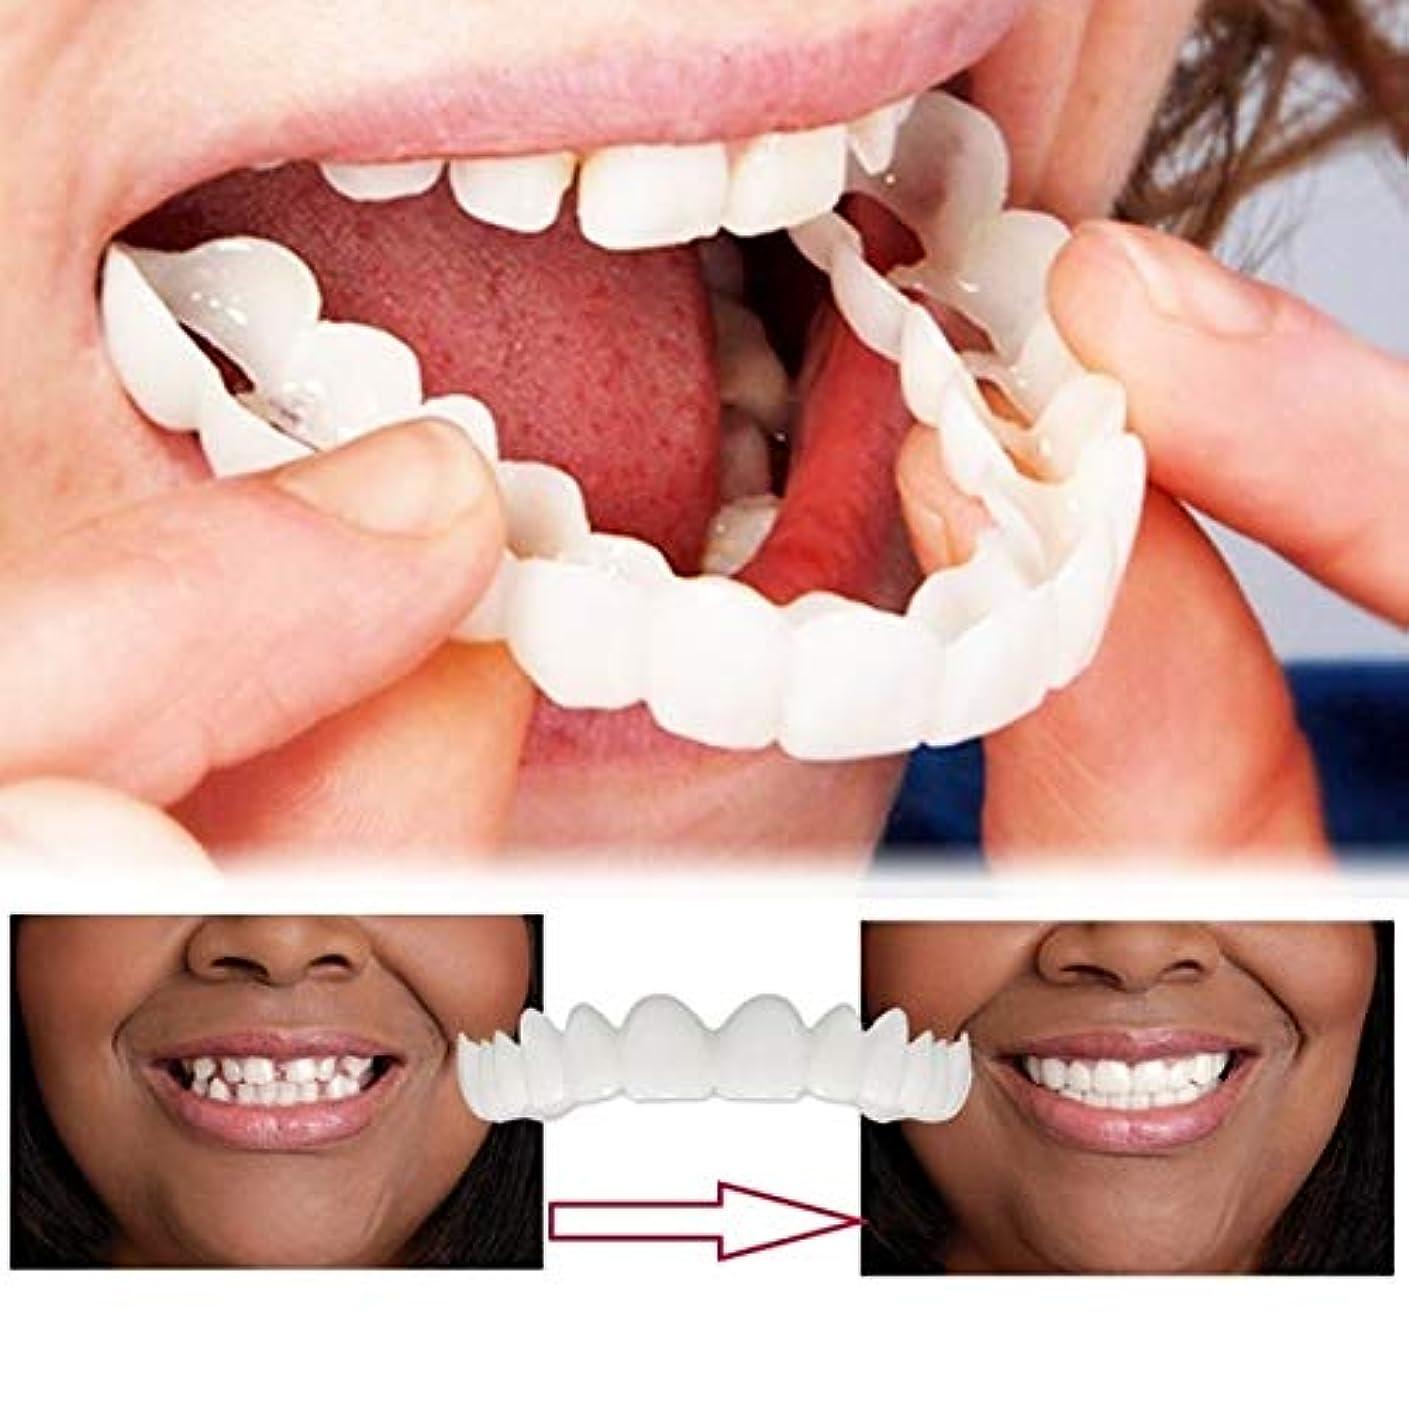 離婚本部事業模擬義歯20ピース行歯科ケア笑顔インスタントホワイトニング快適さ美容ツール化粧品歯ナチュラルホワイトブレース